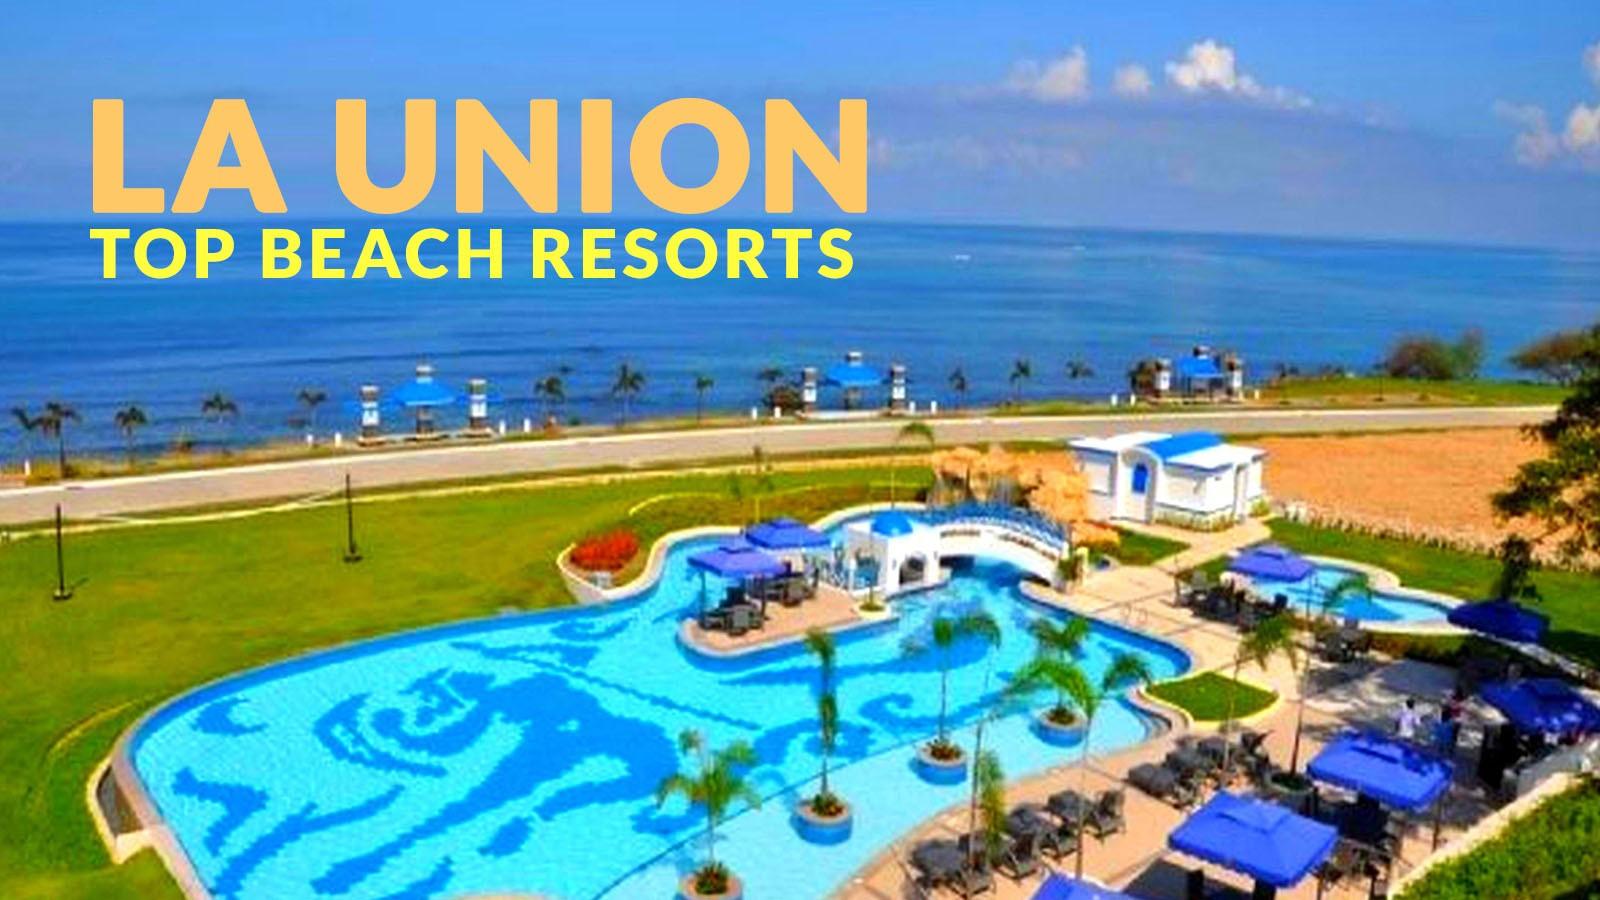 Best Beach Resort In La Union